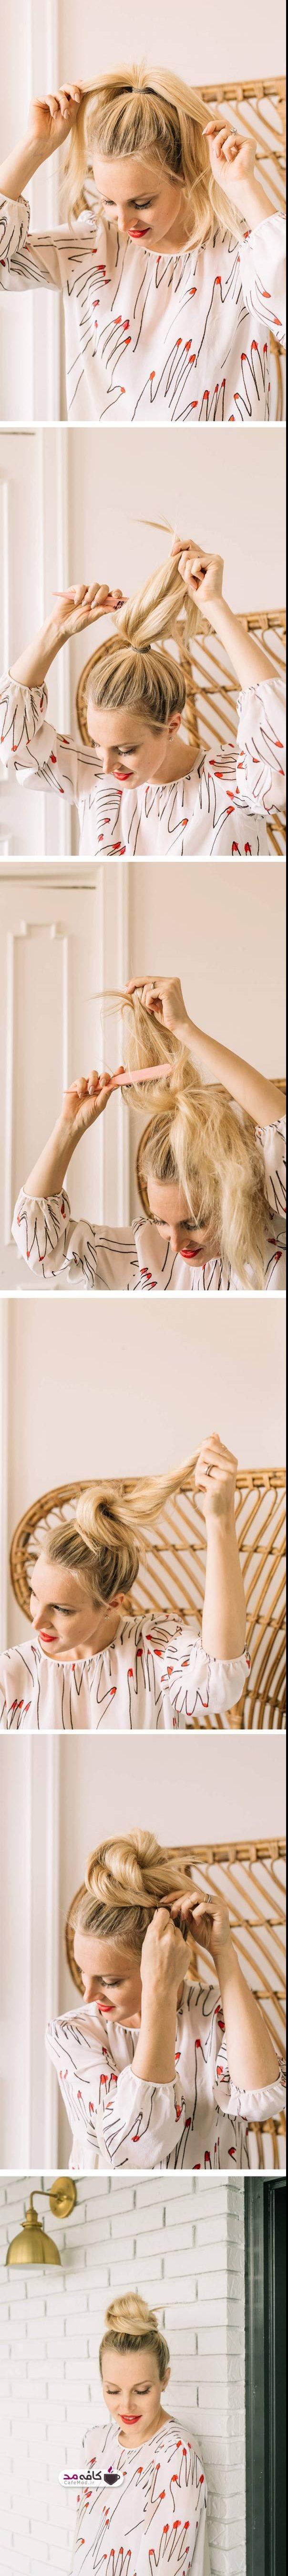 بستن مدل موی گوجه زیبا